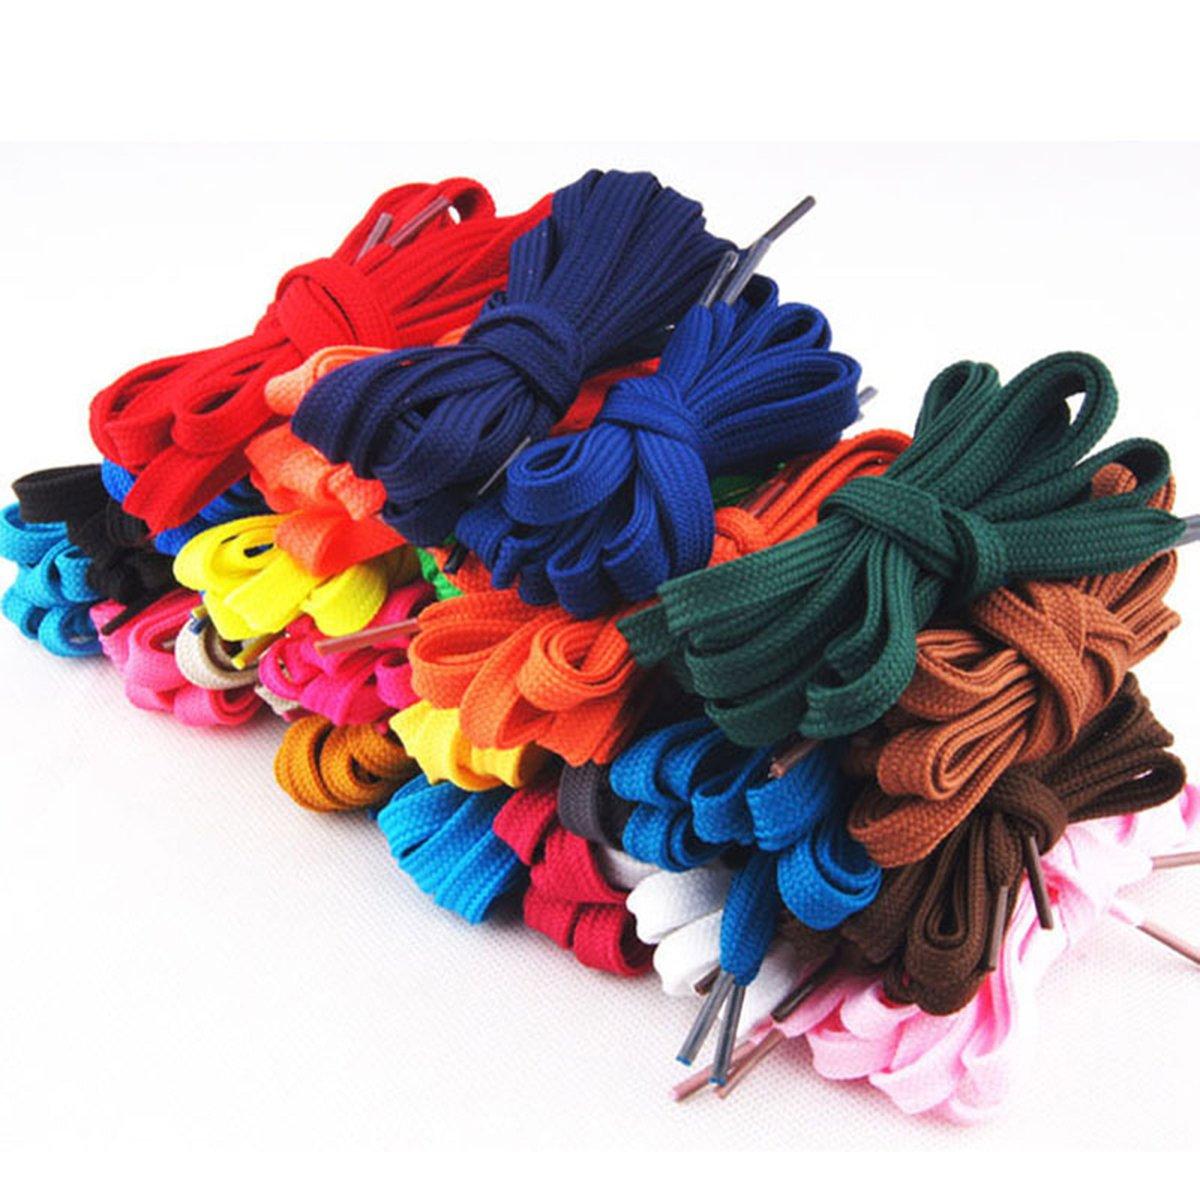 ROSENICE Zapato cordones 12 pares de cuerdas de recambio cordones para los zapatos (colores surtidos)